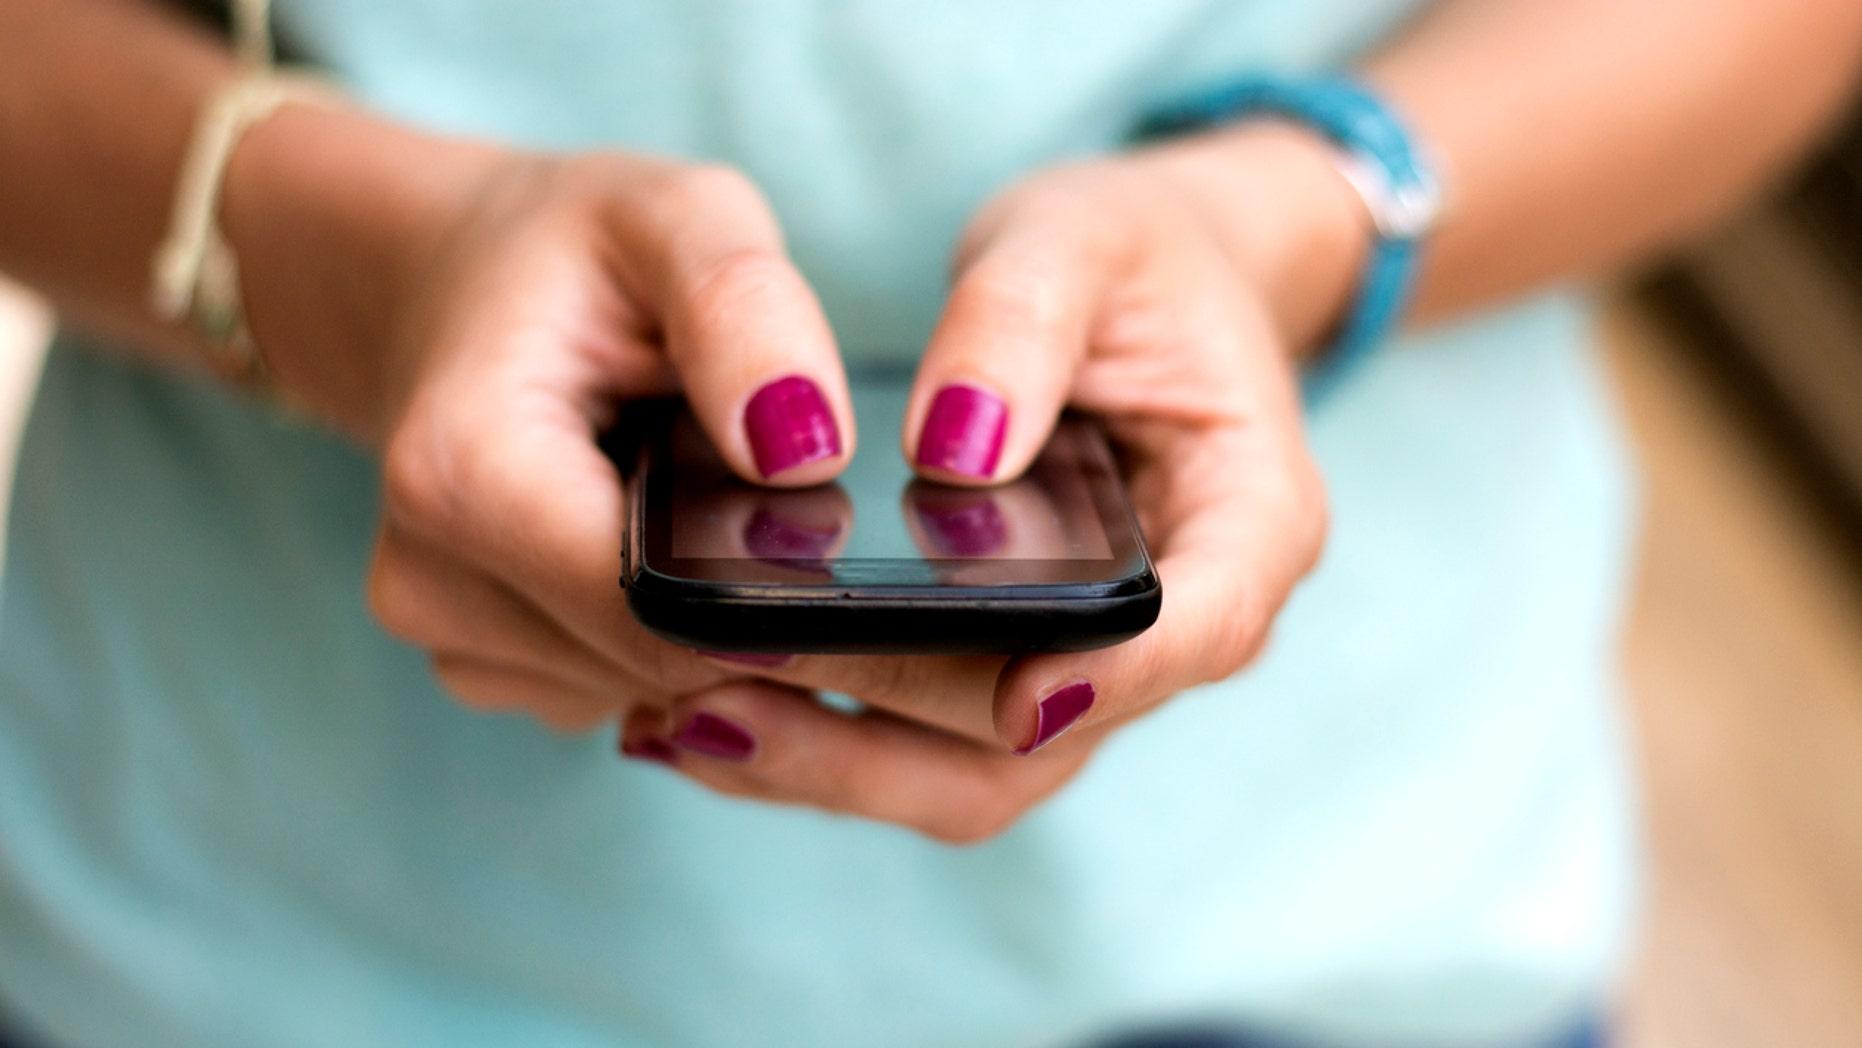 Girl holding smart phone outside